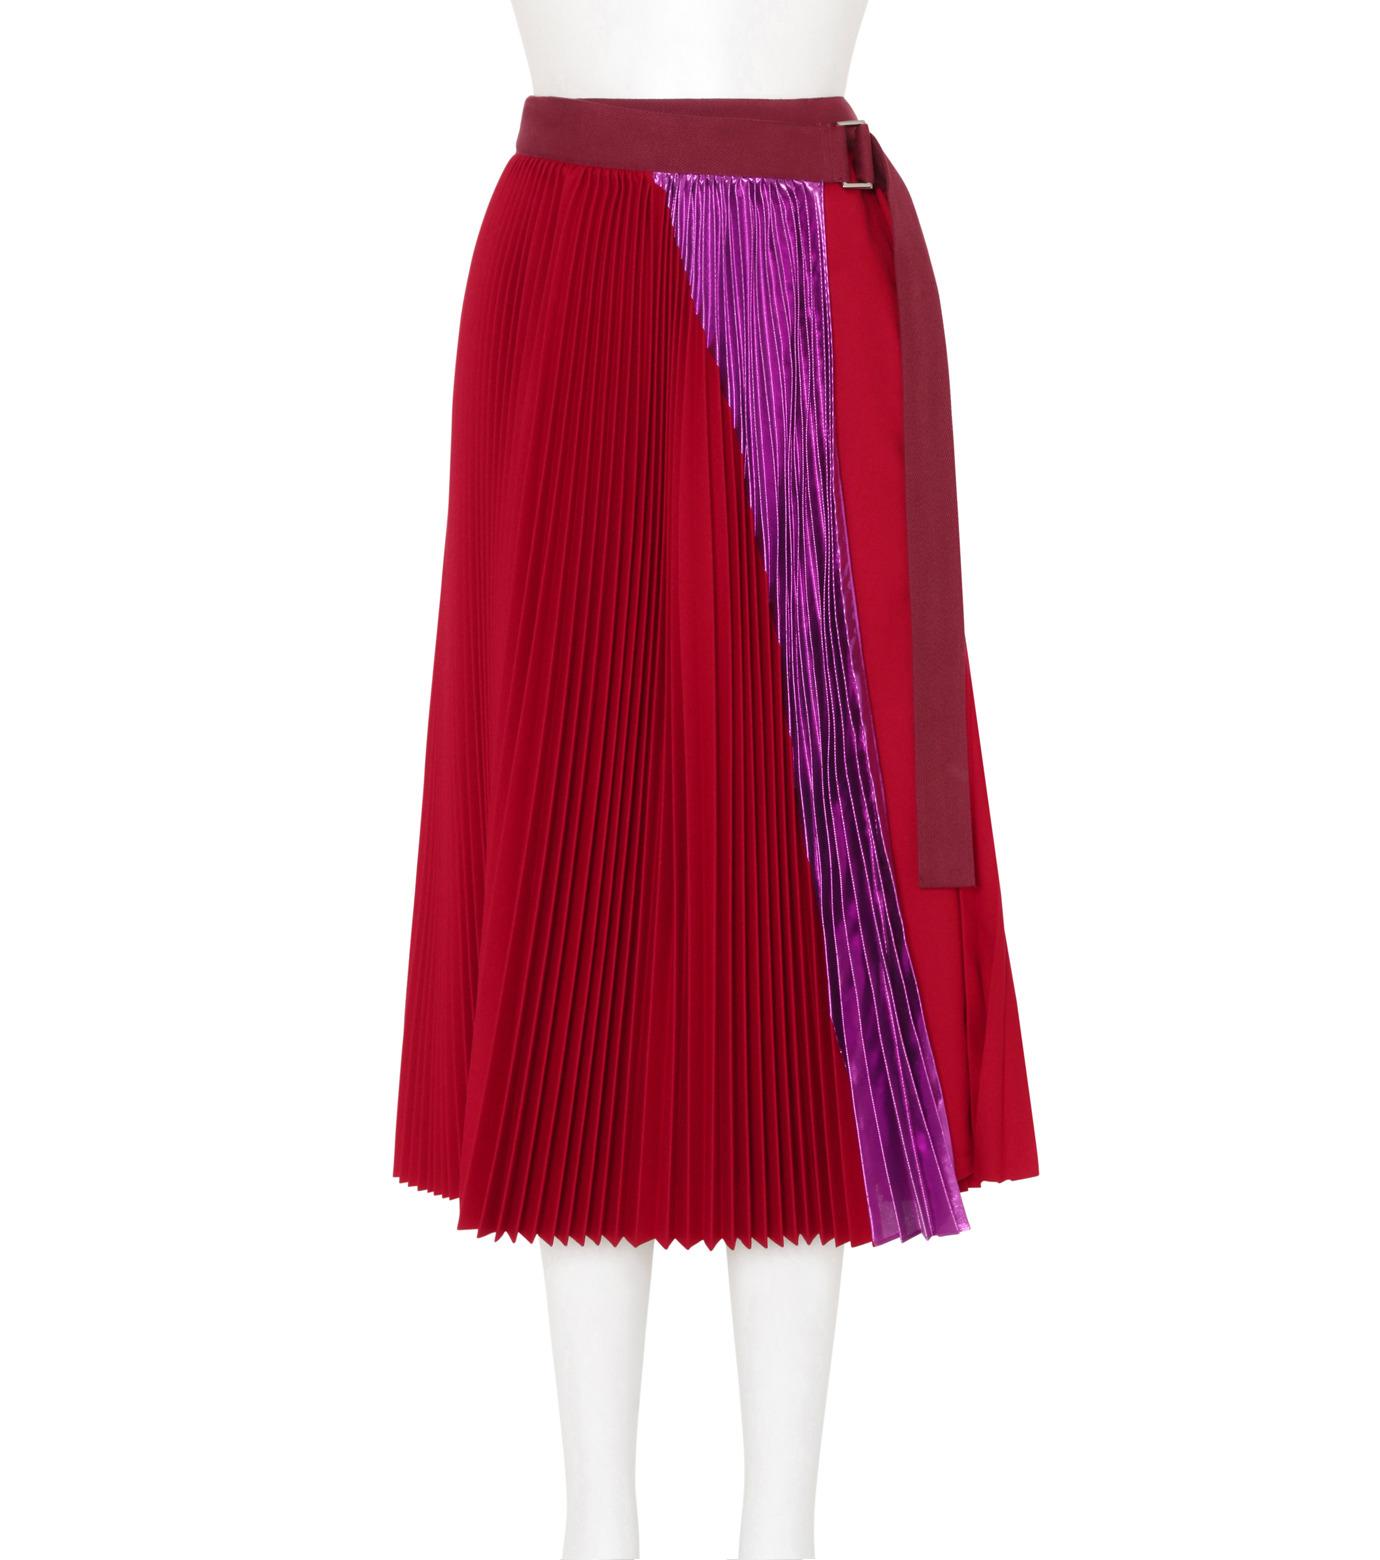 芸能人華原朋美が2016FNS歌謡祭 第1夜で着用した衣装スカート